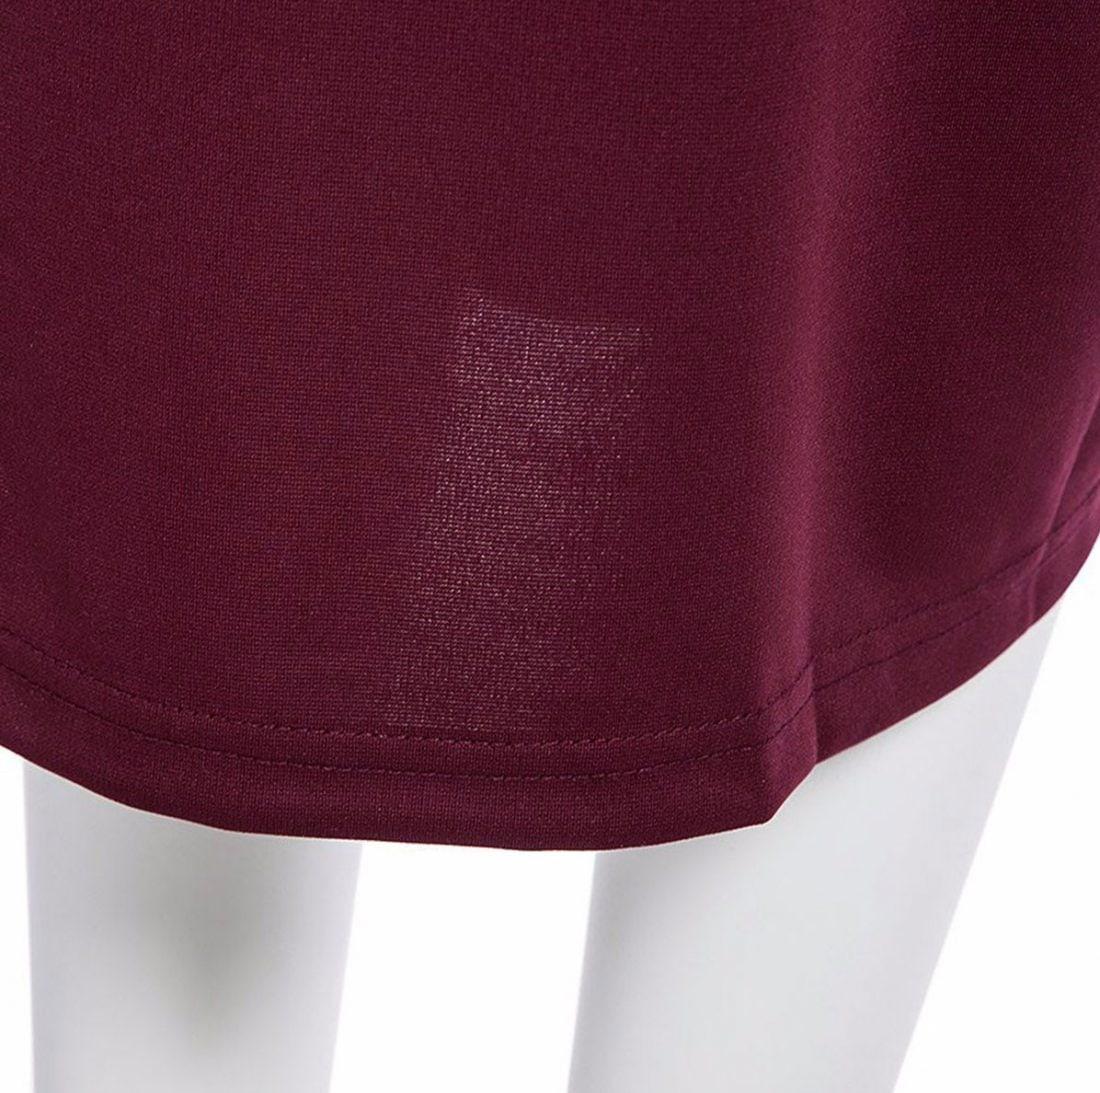 M0185 red8 Bodycon Dresses maureens.com boutique